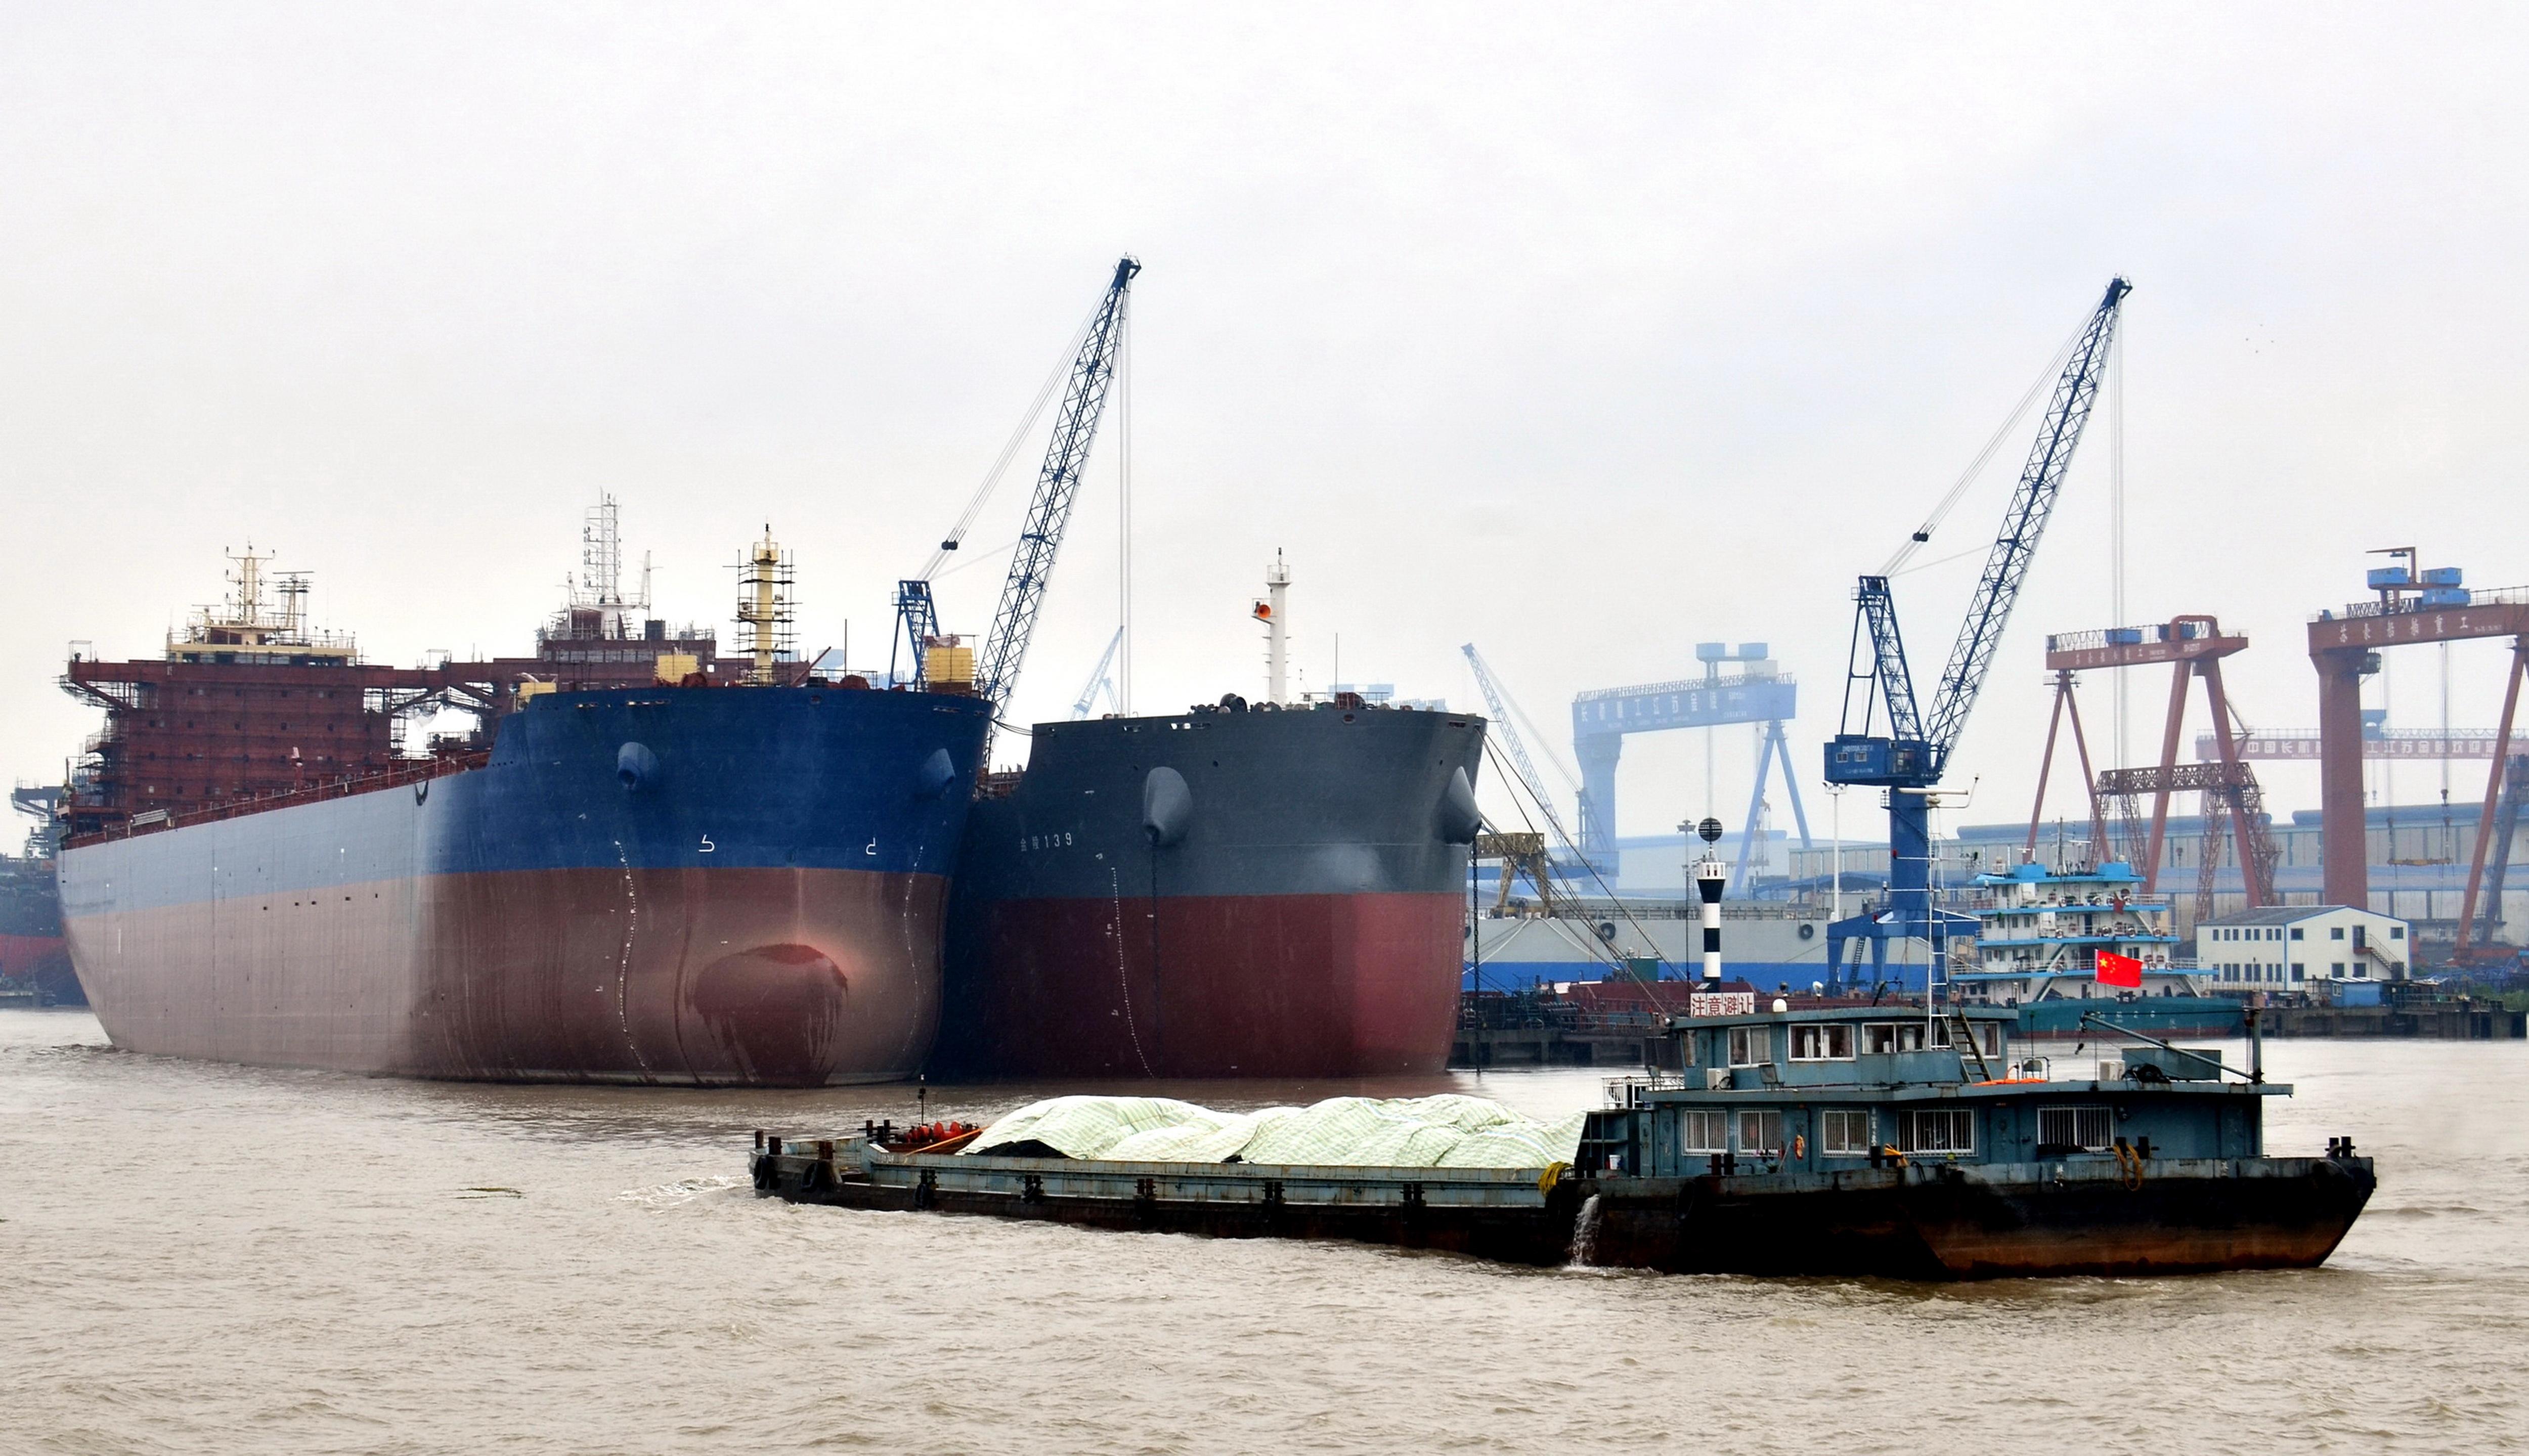 长江内河航运_绿色航运沿江七省市各有新方案 内河航运模式有大变动